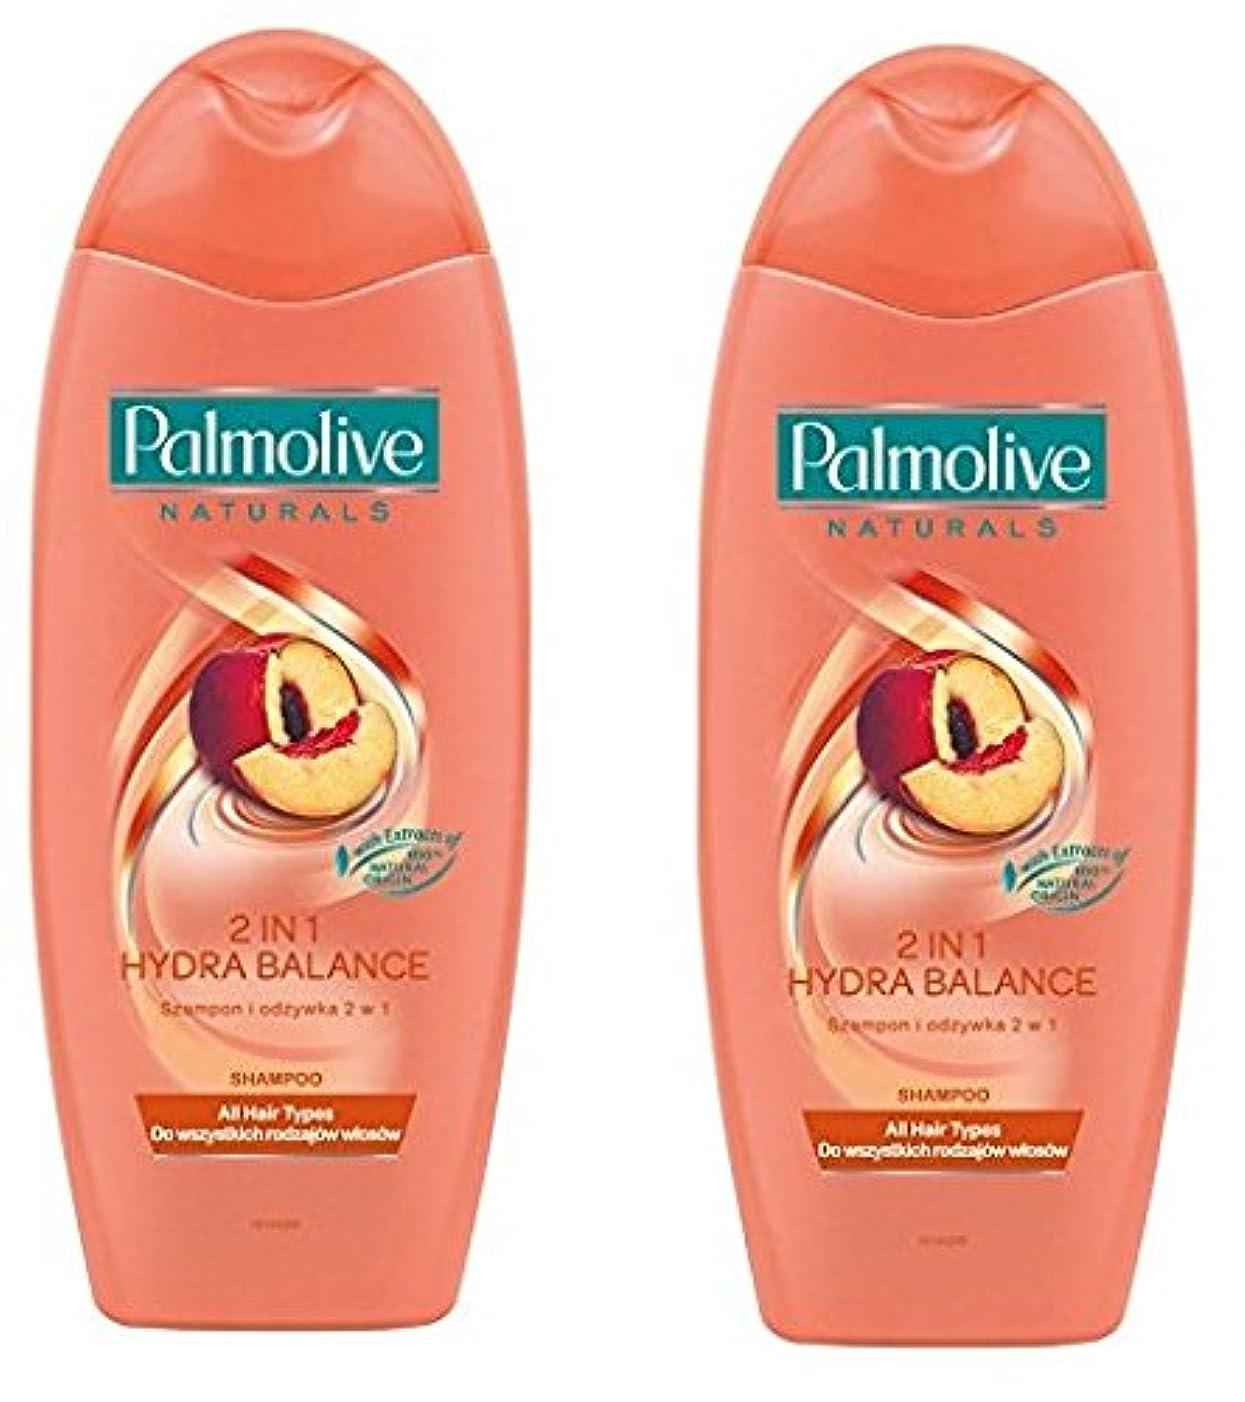 値下げ別々に大学院Palmolive Naturals Shampoo & Conditioner パルモティブシャンプーWコンディショナー ハイドロバランス 350ml 2個 [並行輸入品]